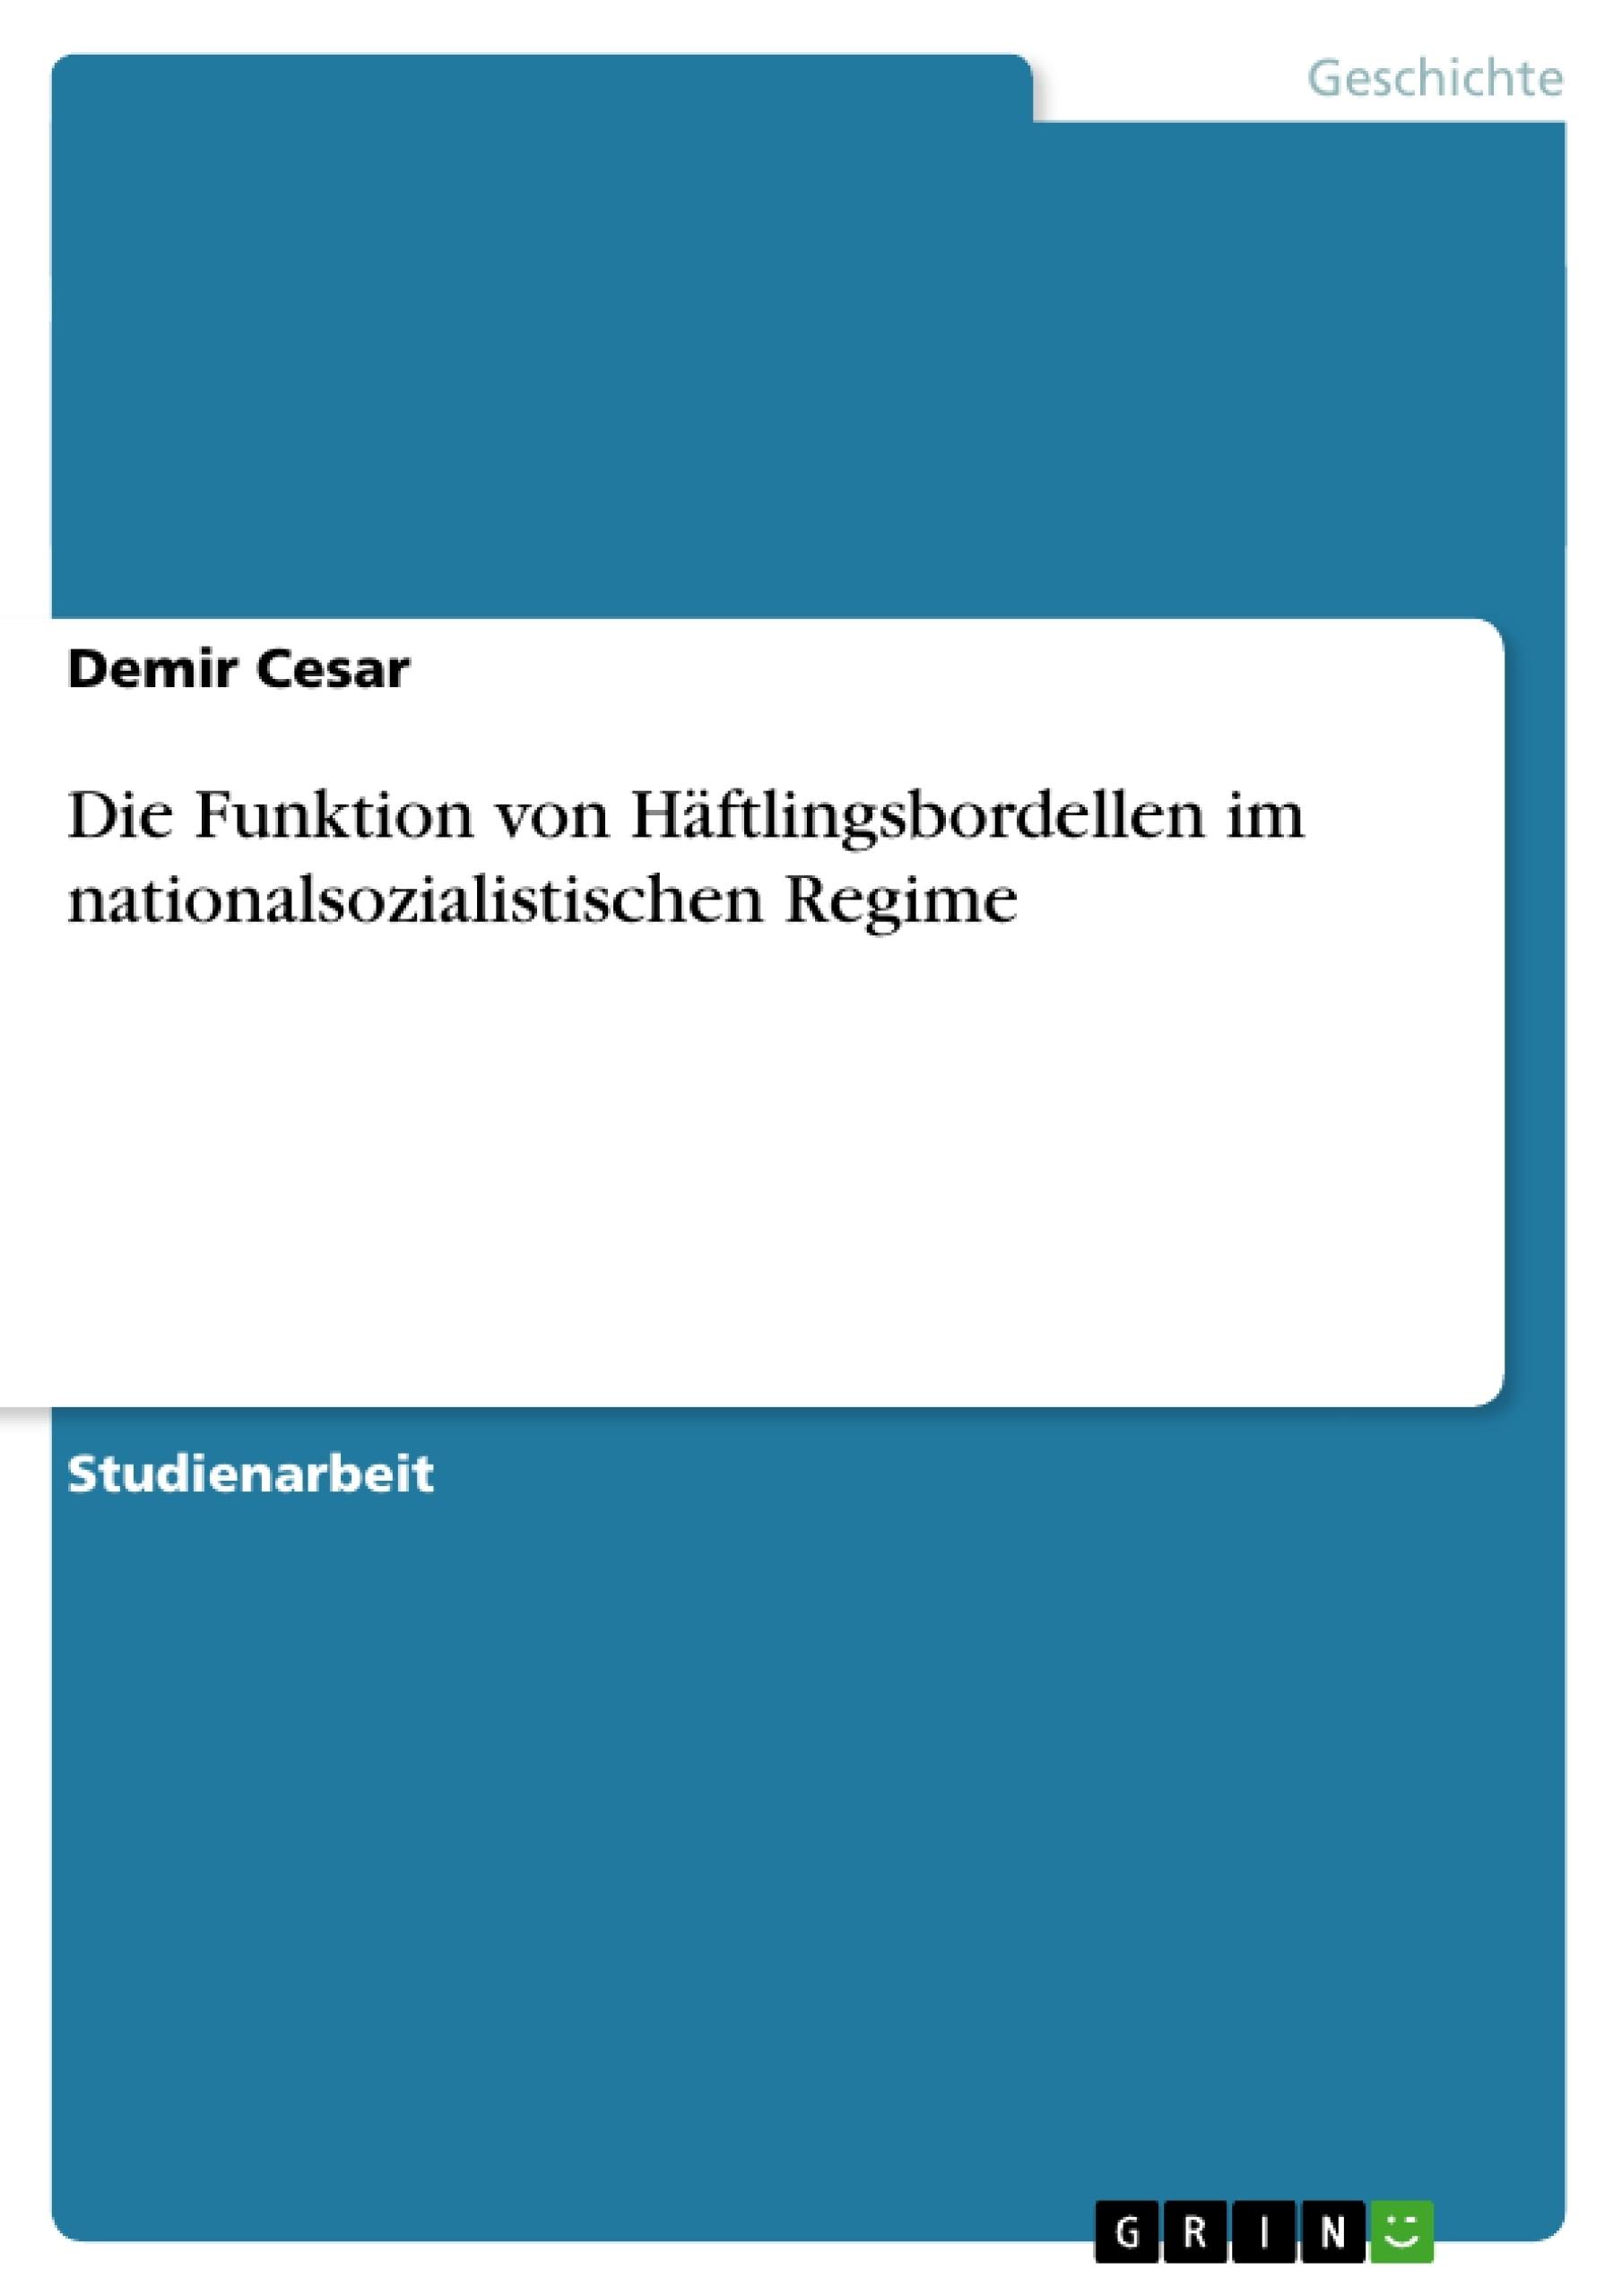 Titel: Die Funktion von Häftlingsbordellen im nationalsozialistischen Regime